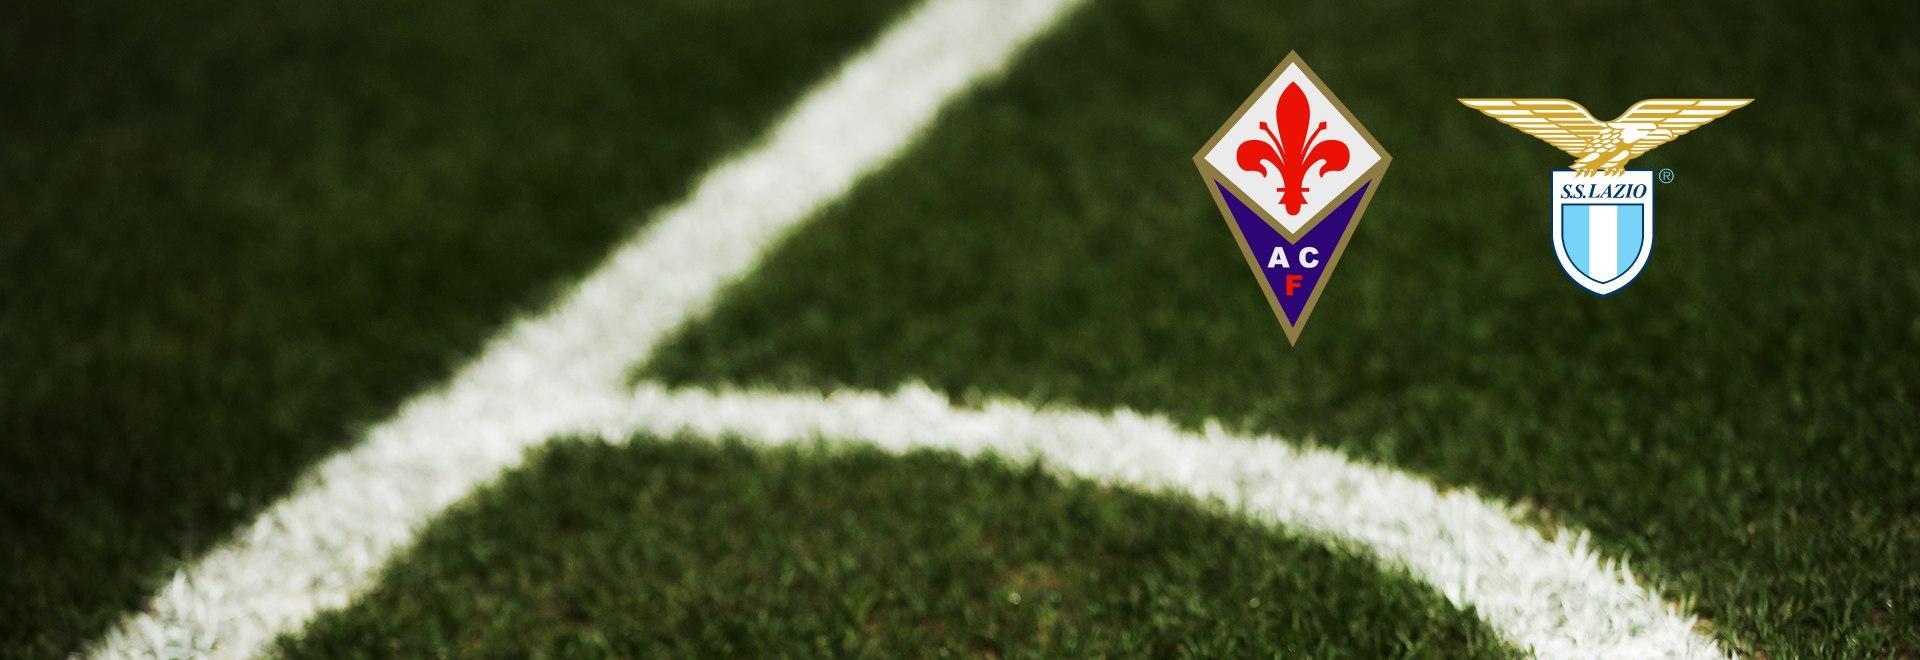 Fiorentina - Lazio. 35a g.